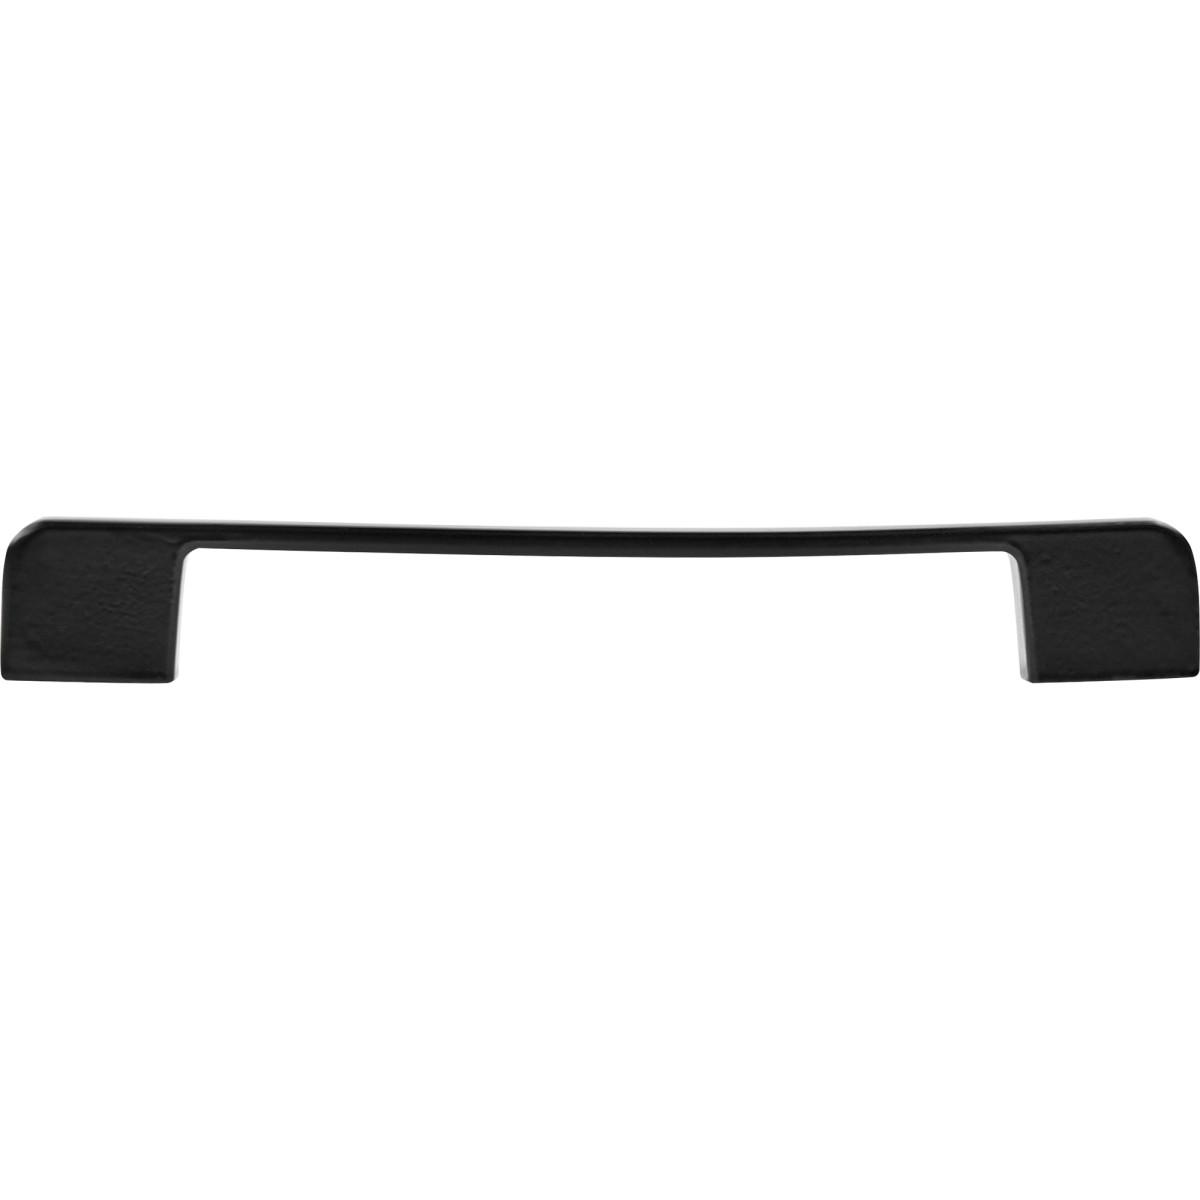 Ручка-Скоба L4009160bl 160 Цвет Чёрный